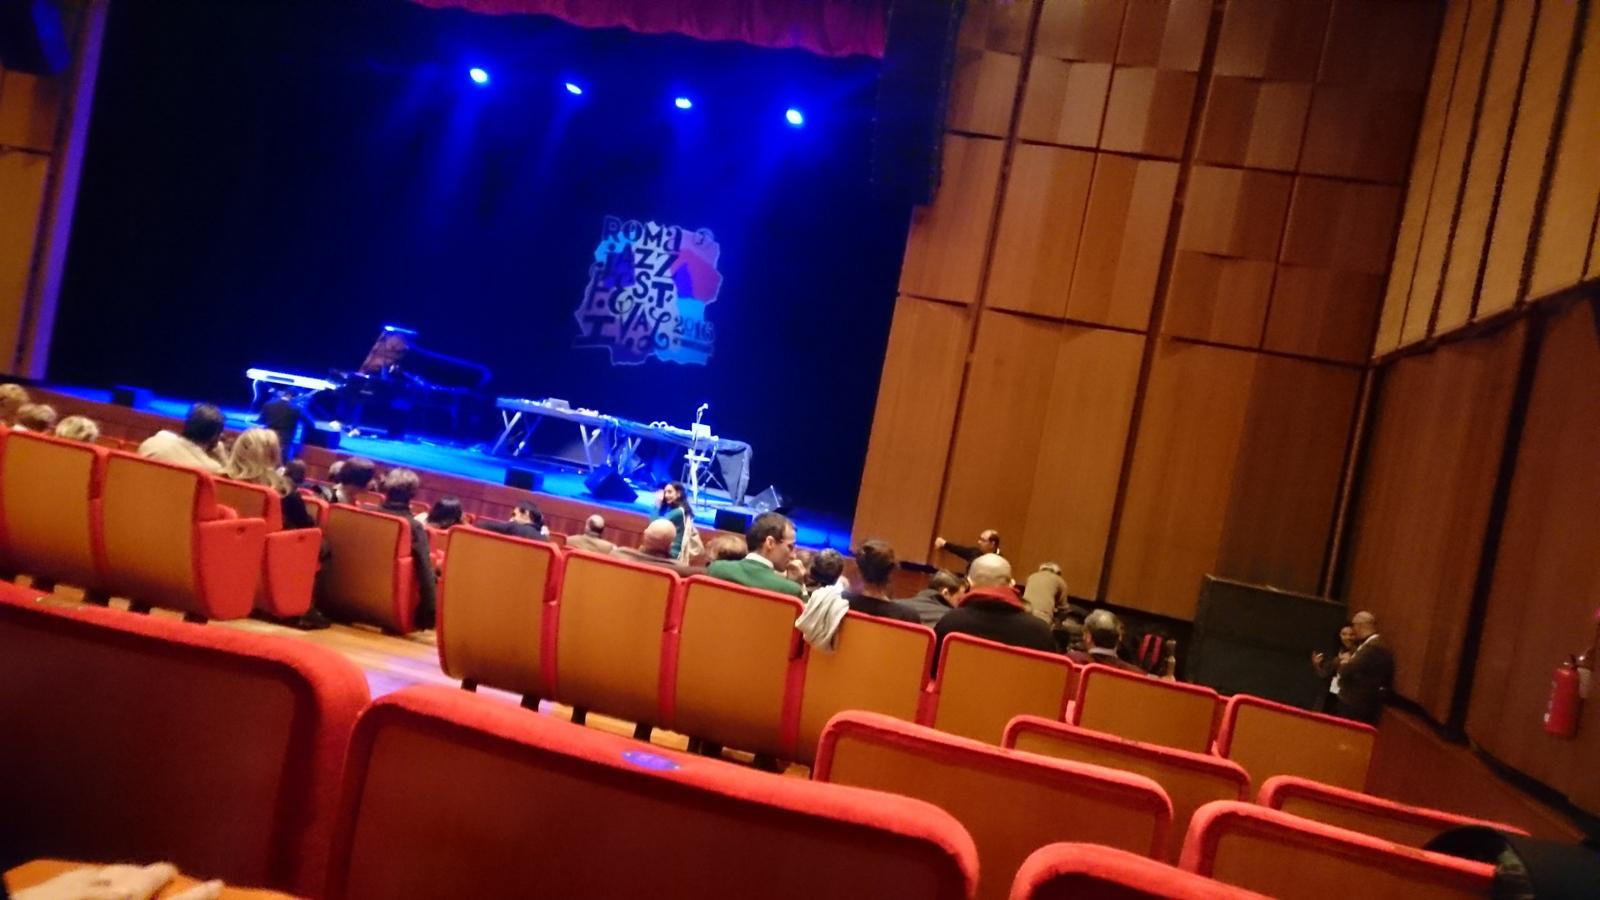 vor Beginn des Jazz-Konzertes im kleinen Veranstaltungssaal mit Enrico Rava & Band